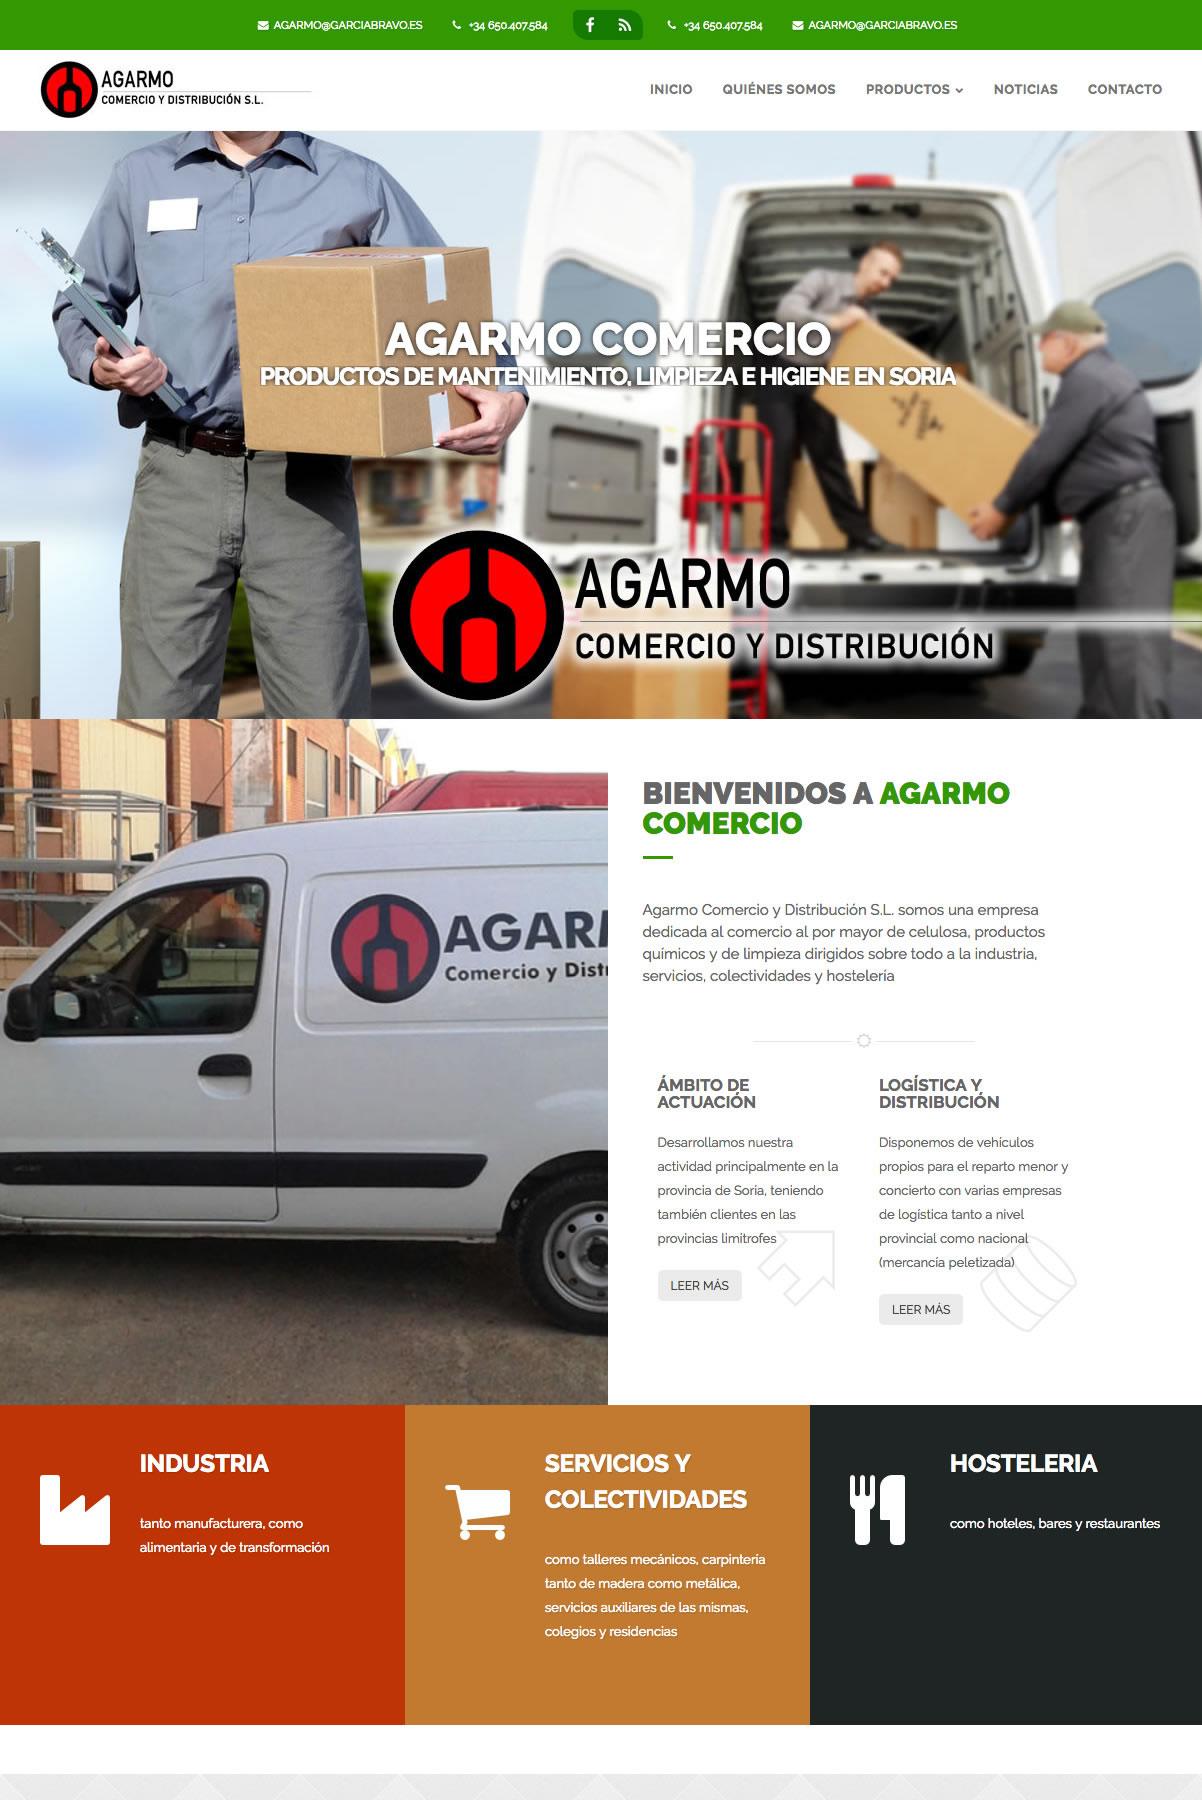 AGARMO COMERCIO Y DISTRIBUCIÓN S.L.